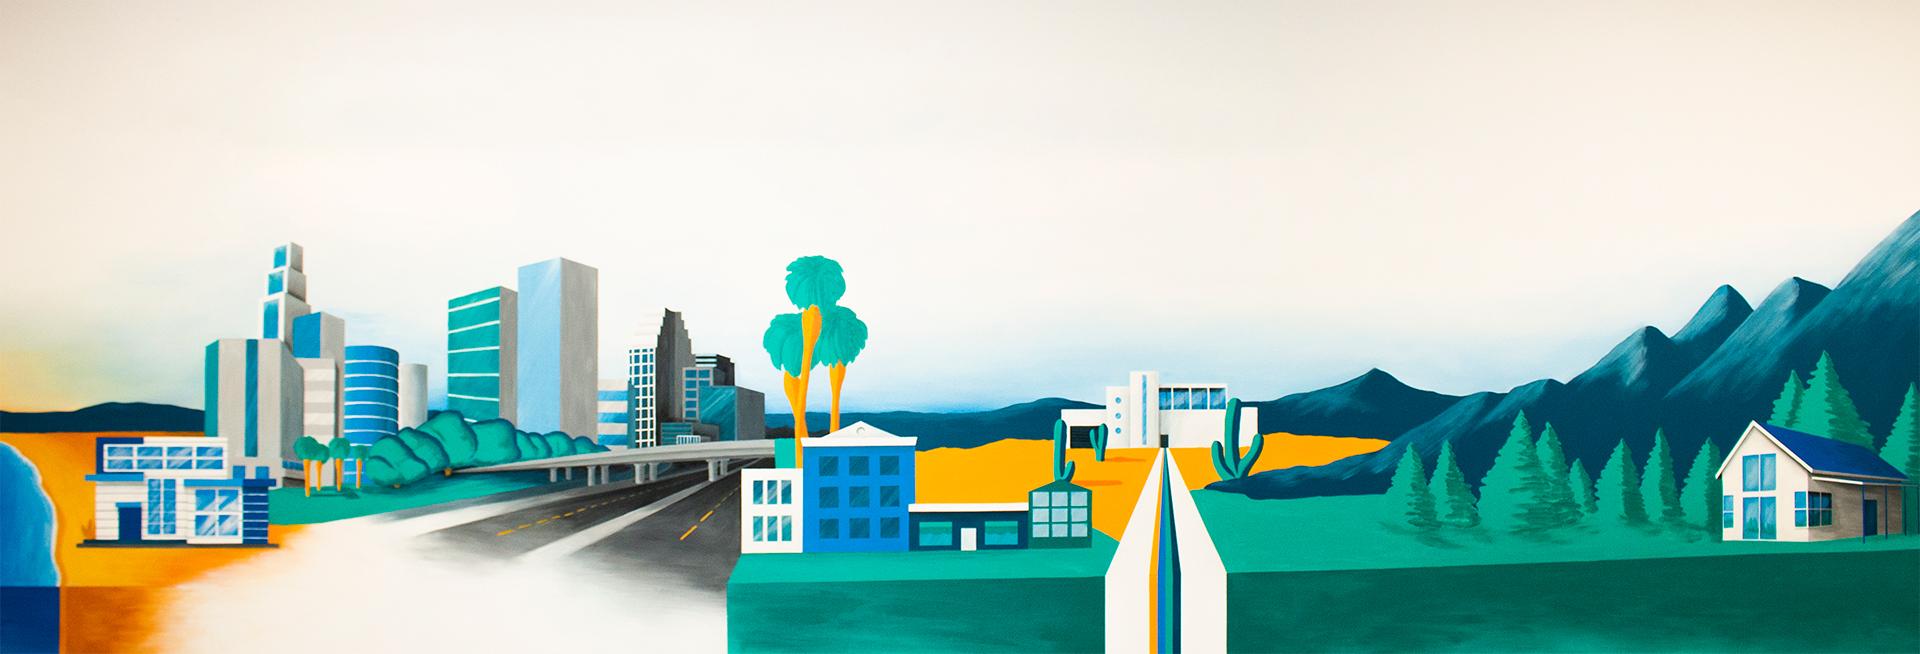 solar-art-mural_v2